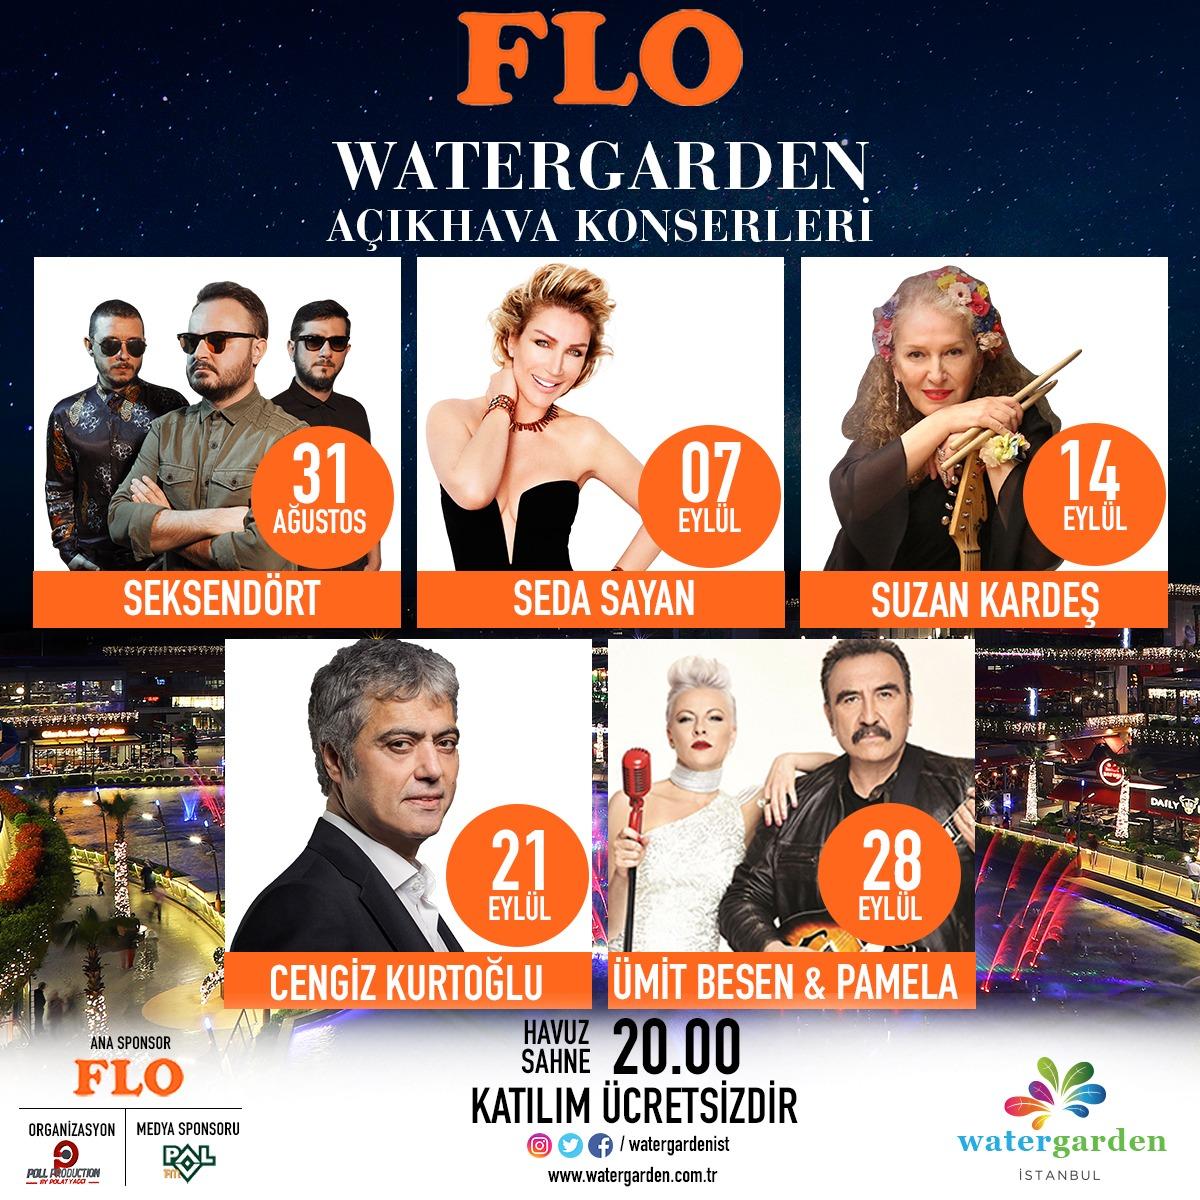 FLO Watergarden Konserleri başlıyor!